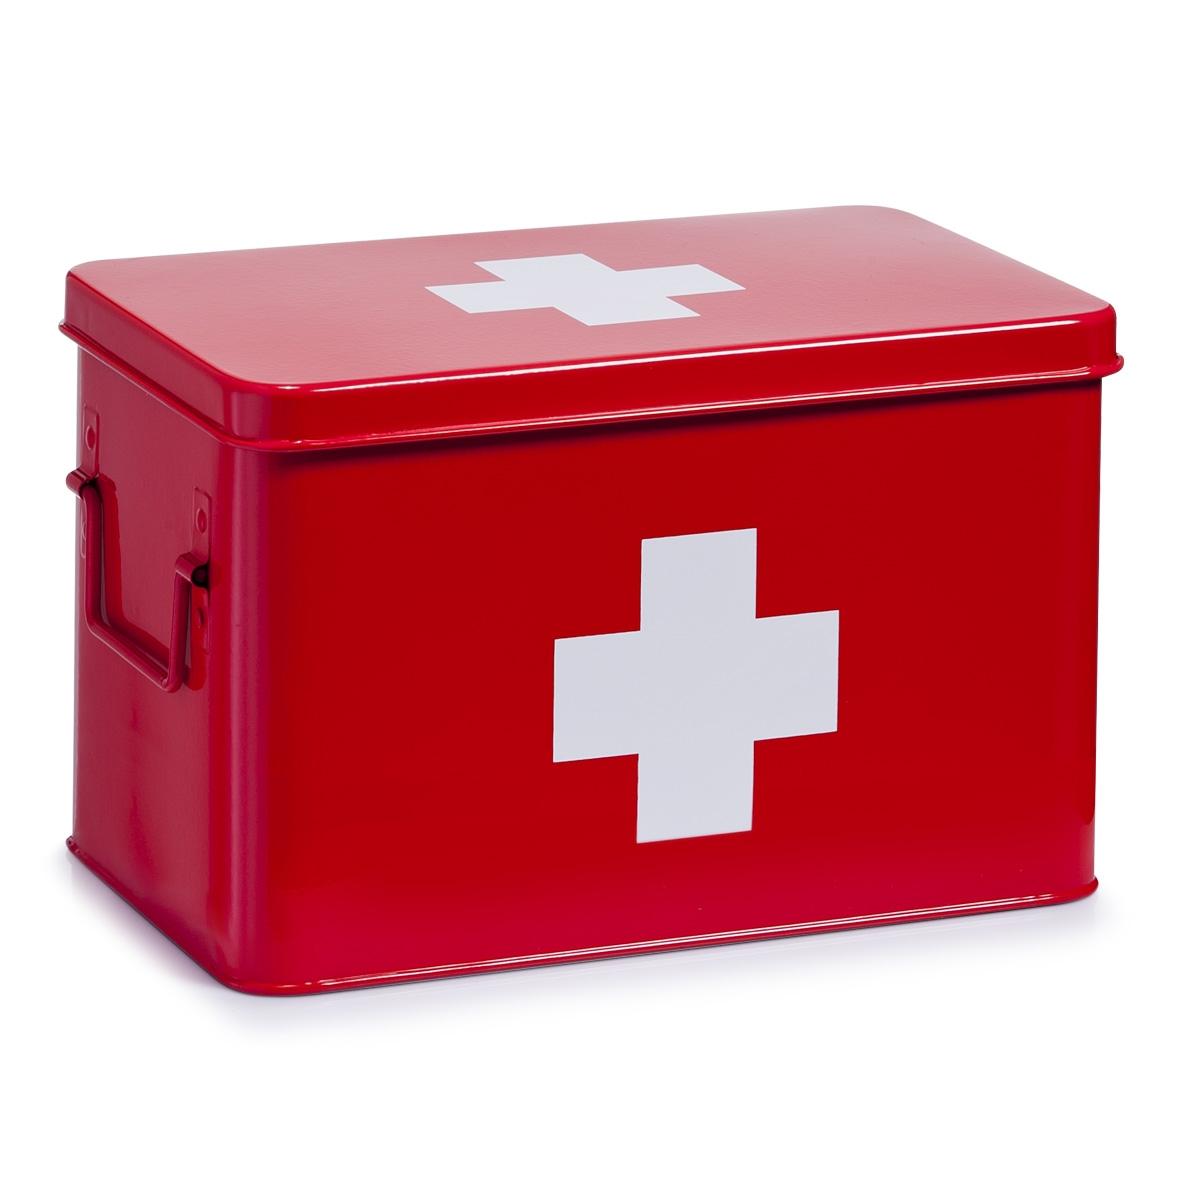 Cutie pentru depozitarea medicamentelor, 5 compartimente, Metal Red, l32xA19,5xH20 cm imagine